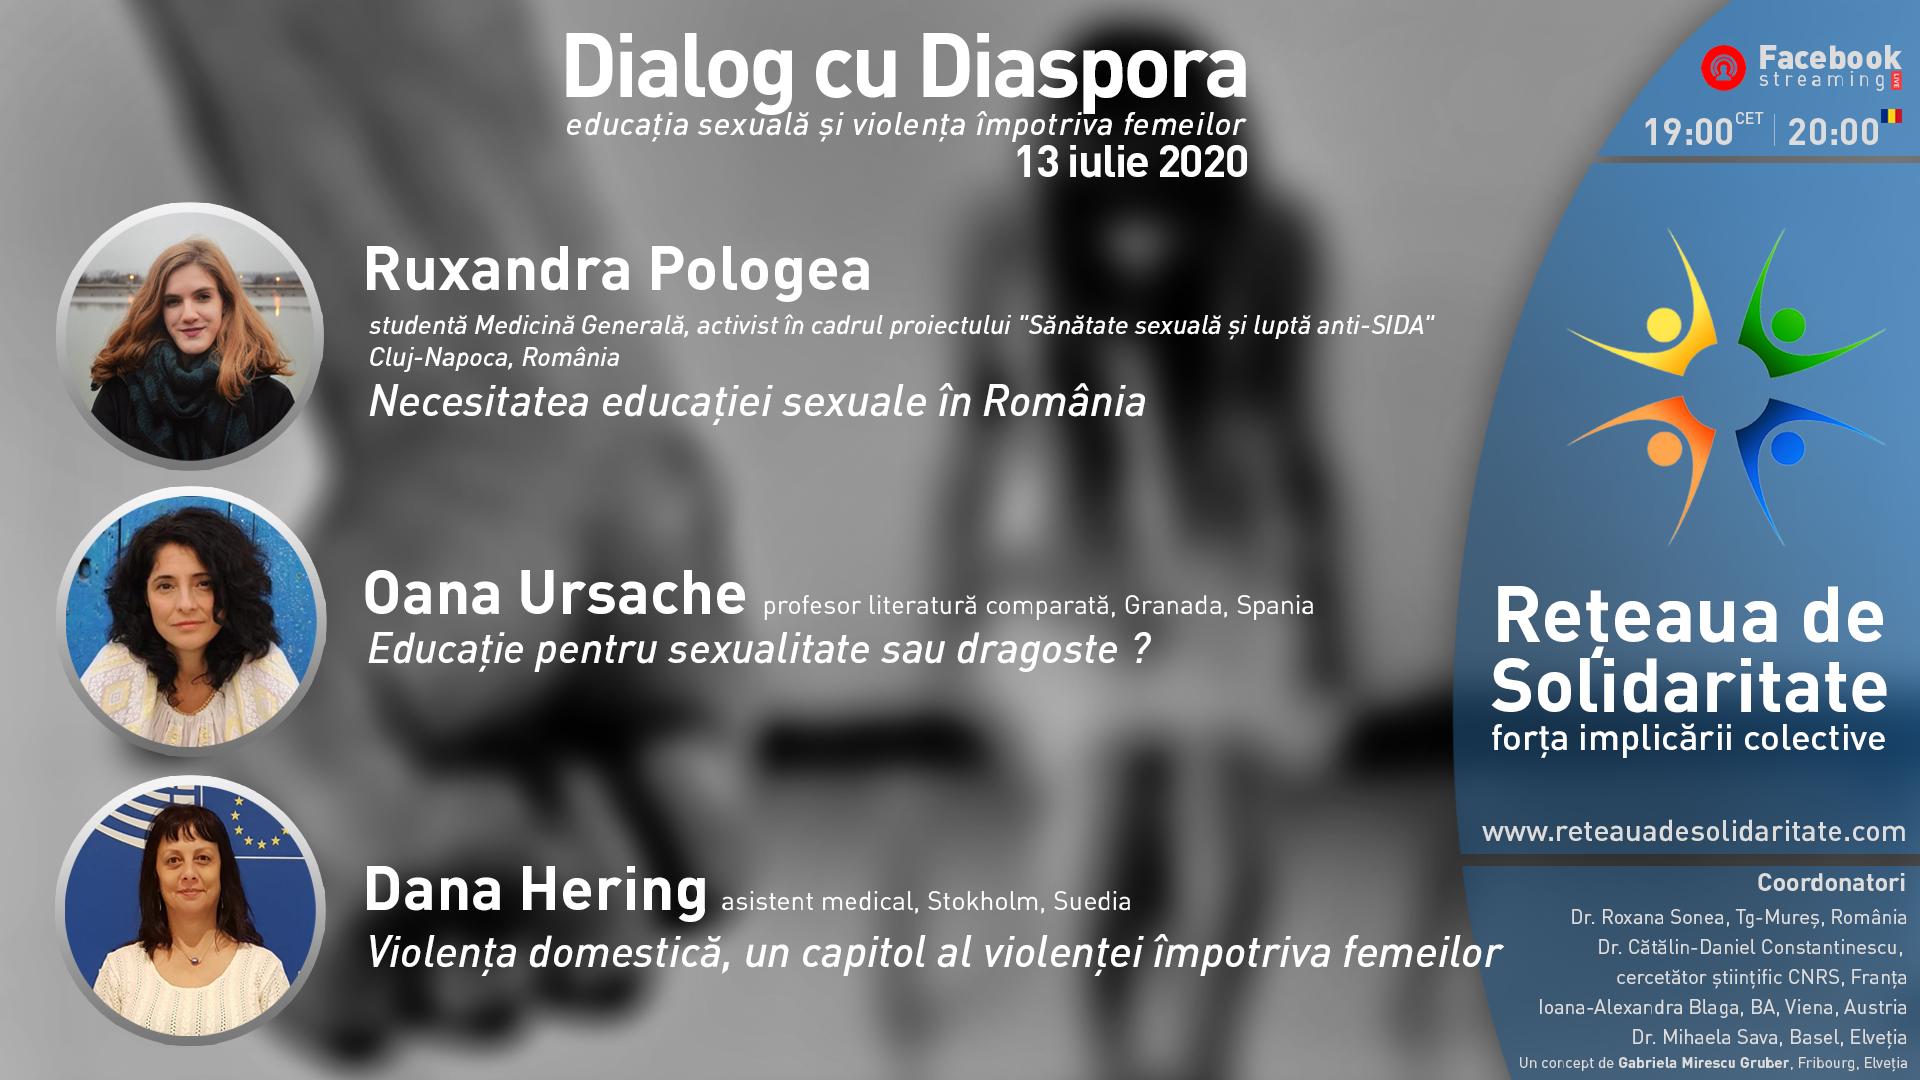 Intalnirea femeii pentru dialog